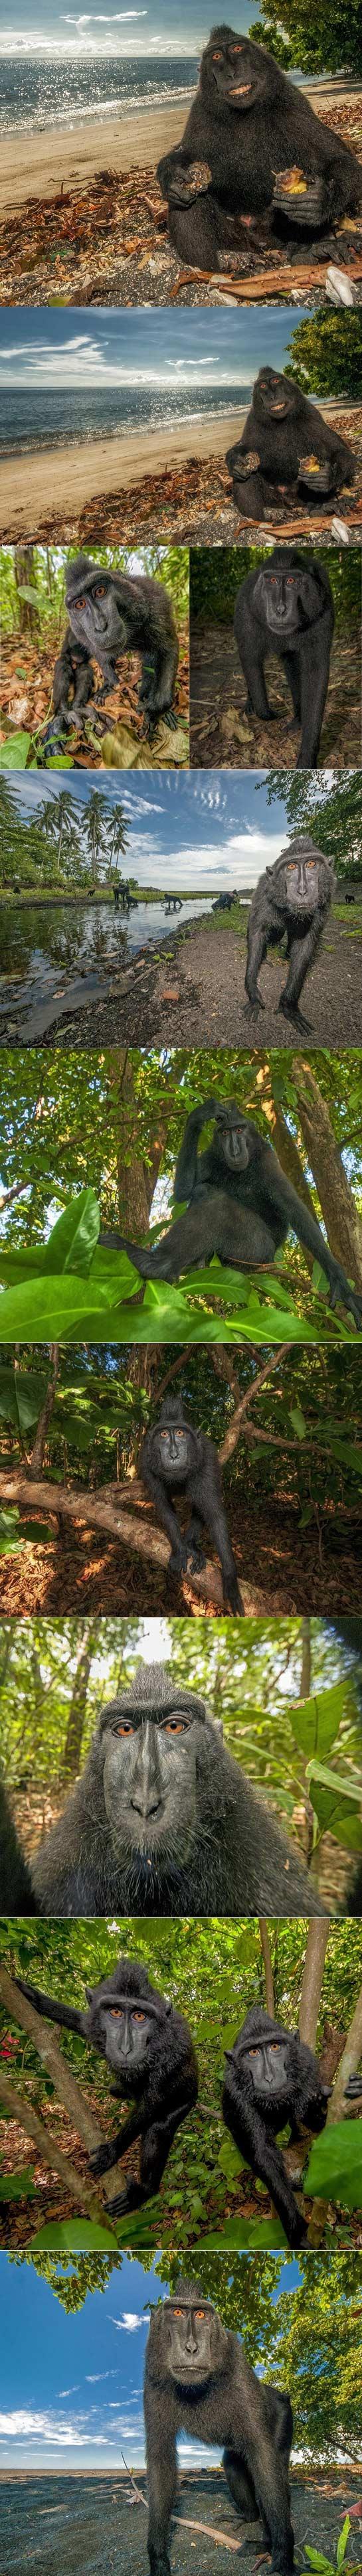 希望你在这里!住在海滩边笑嘻嘻的猴子对来到的摄影师表示惊讶